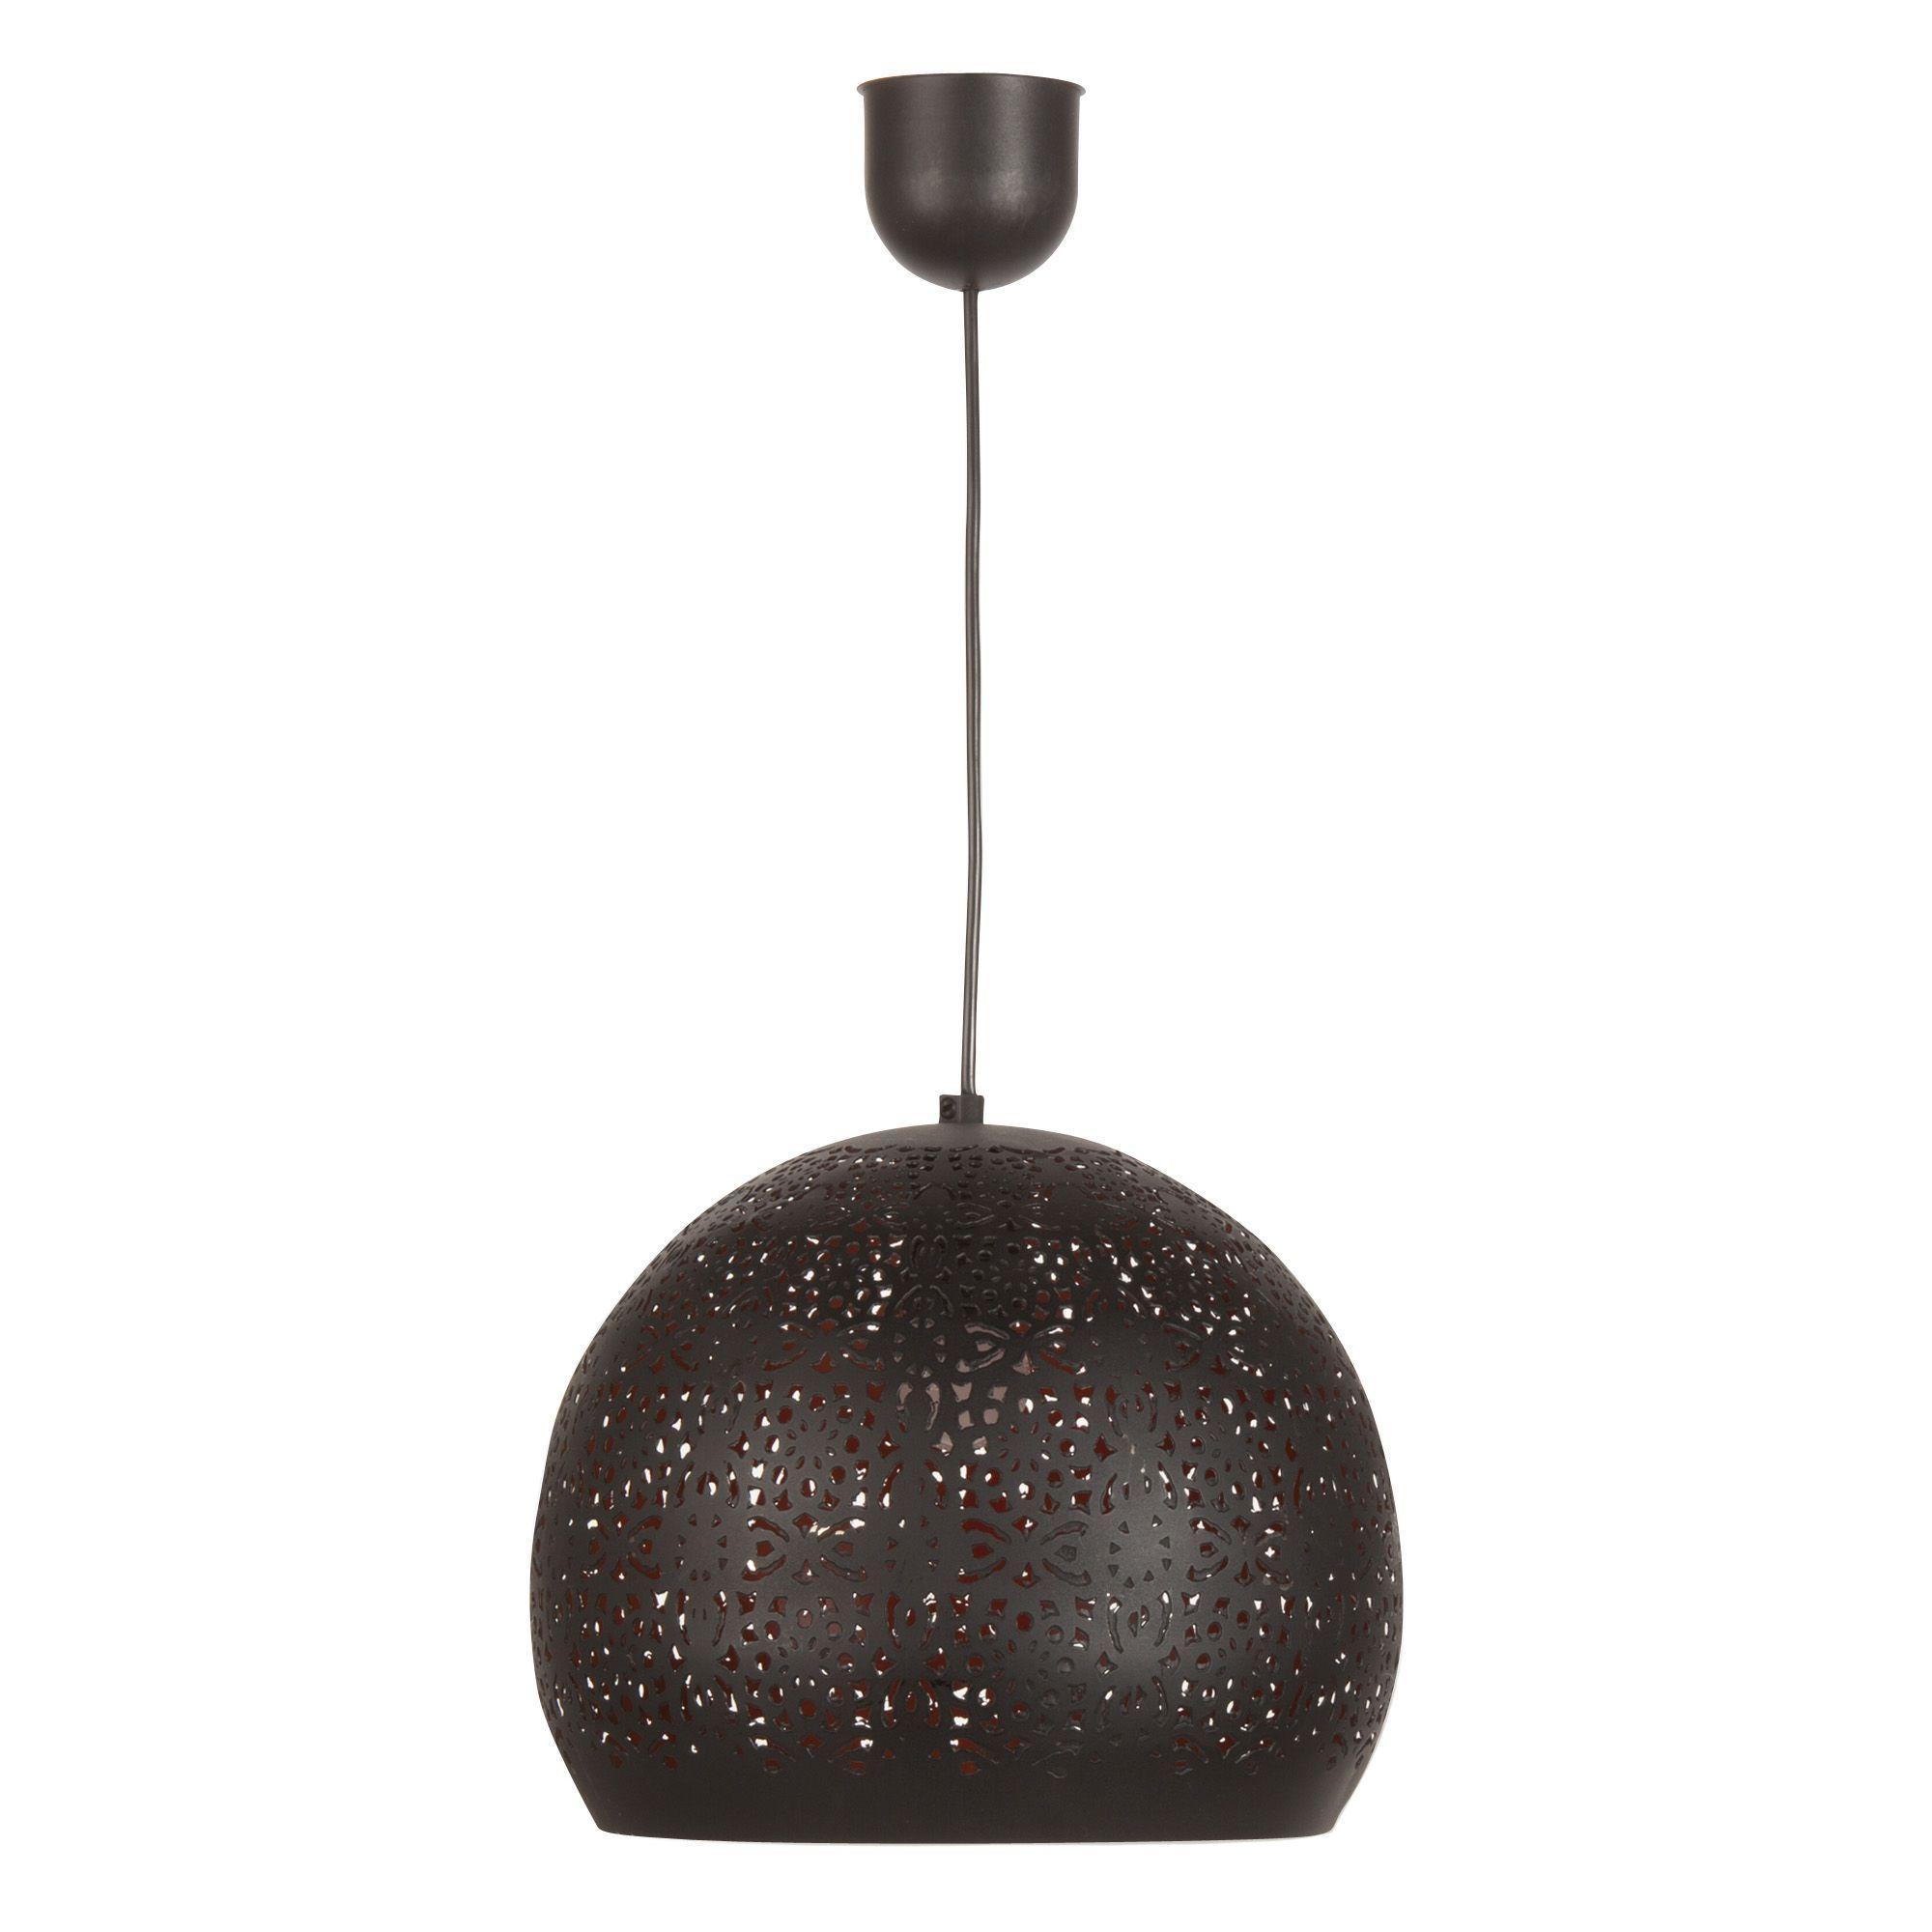 suspension lectrifi e korami le luminaire alinea. Black Bedroom Furniture Sets. Home Design Ideas